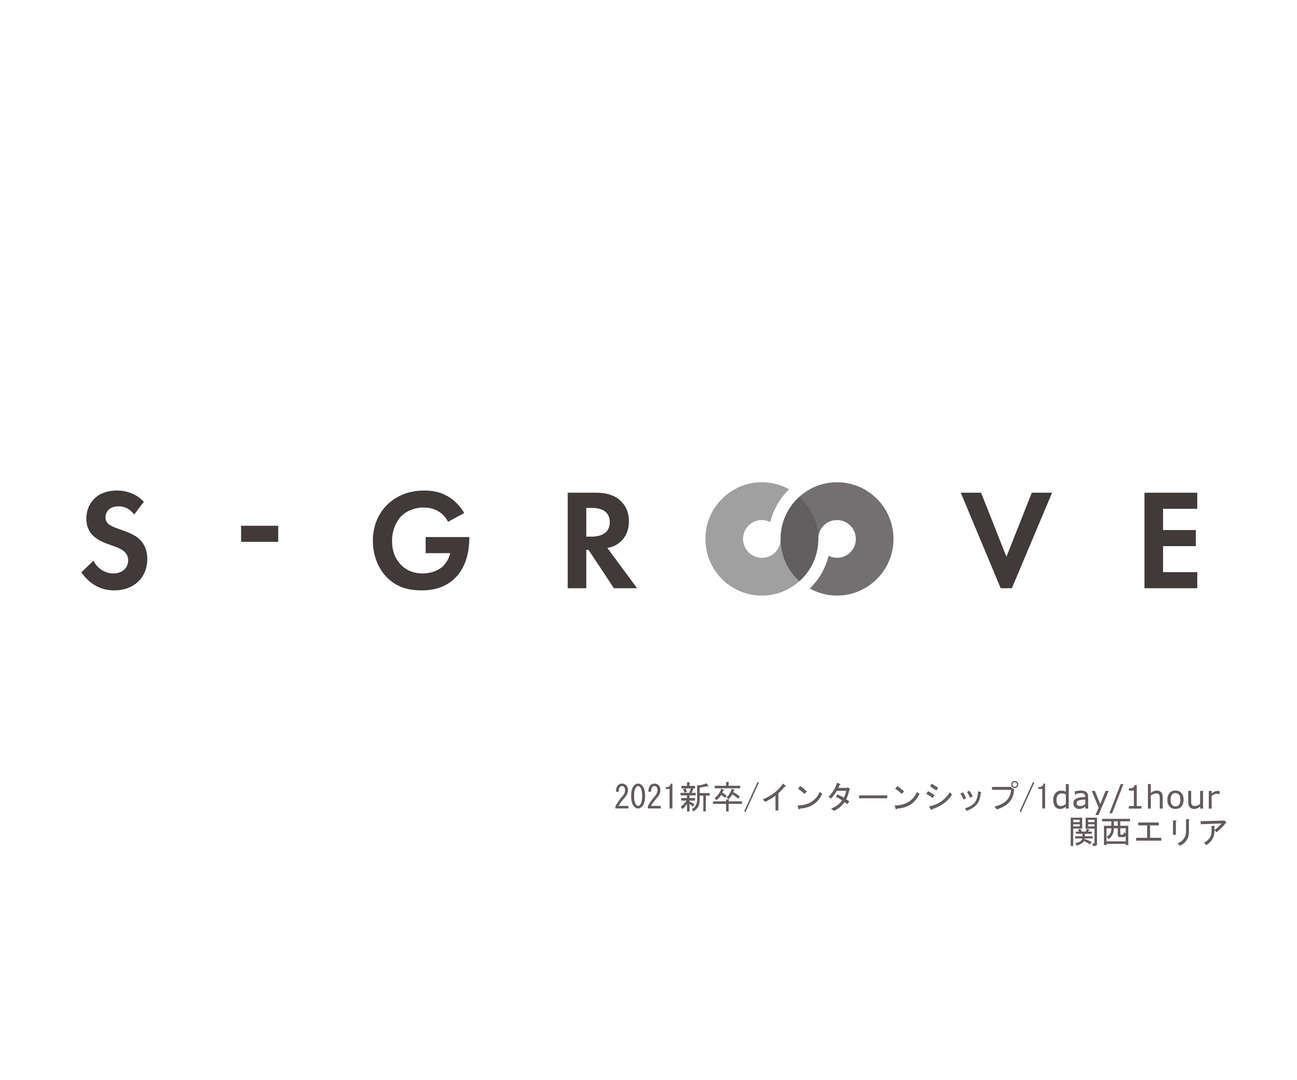 2021新卒/インターンシップ/大阪/1day/販売専門会社/接客体験/のカバー写真